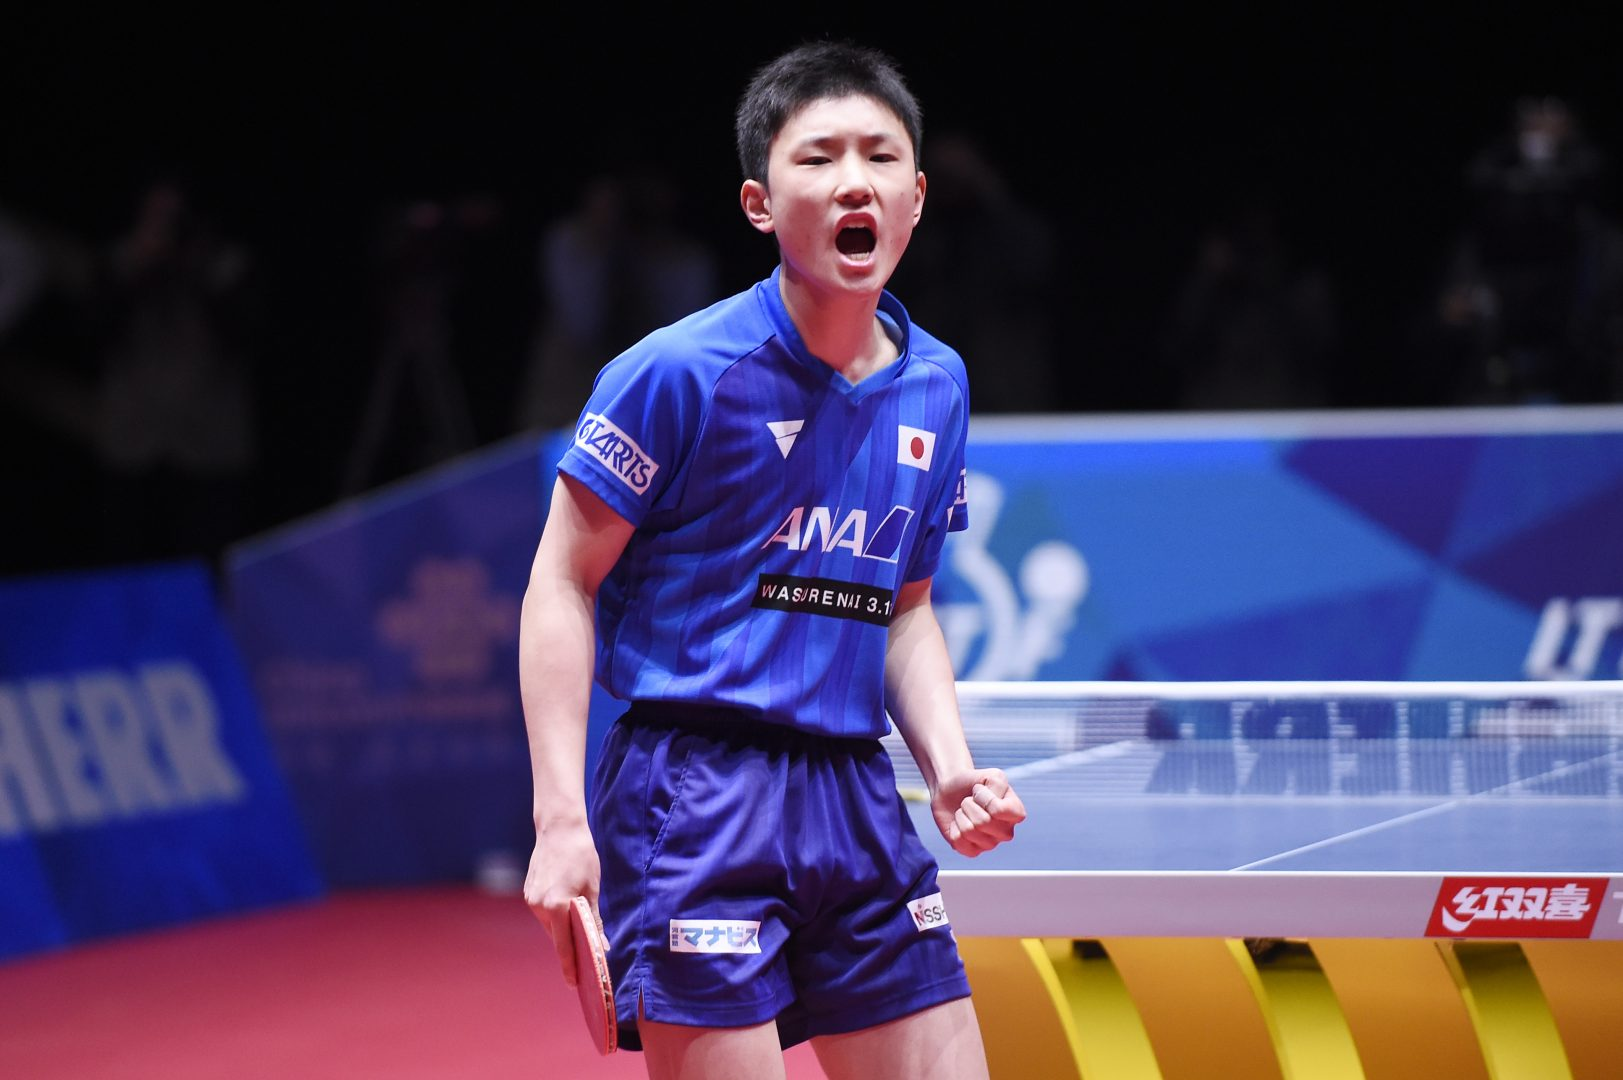 東京五輪チケット価格が発表 卓球は3,500〜36,000円の価格帯